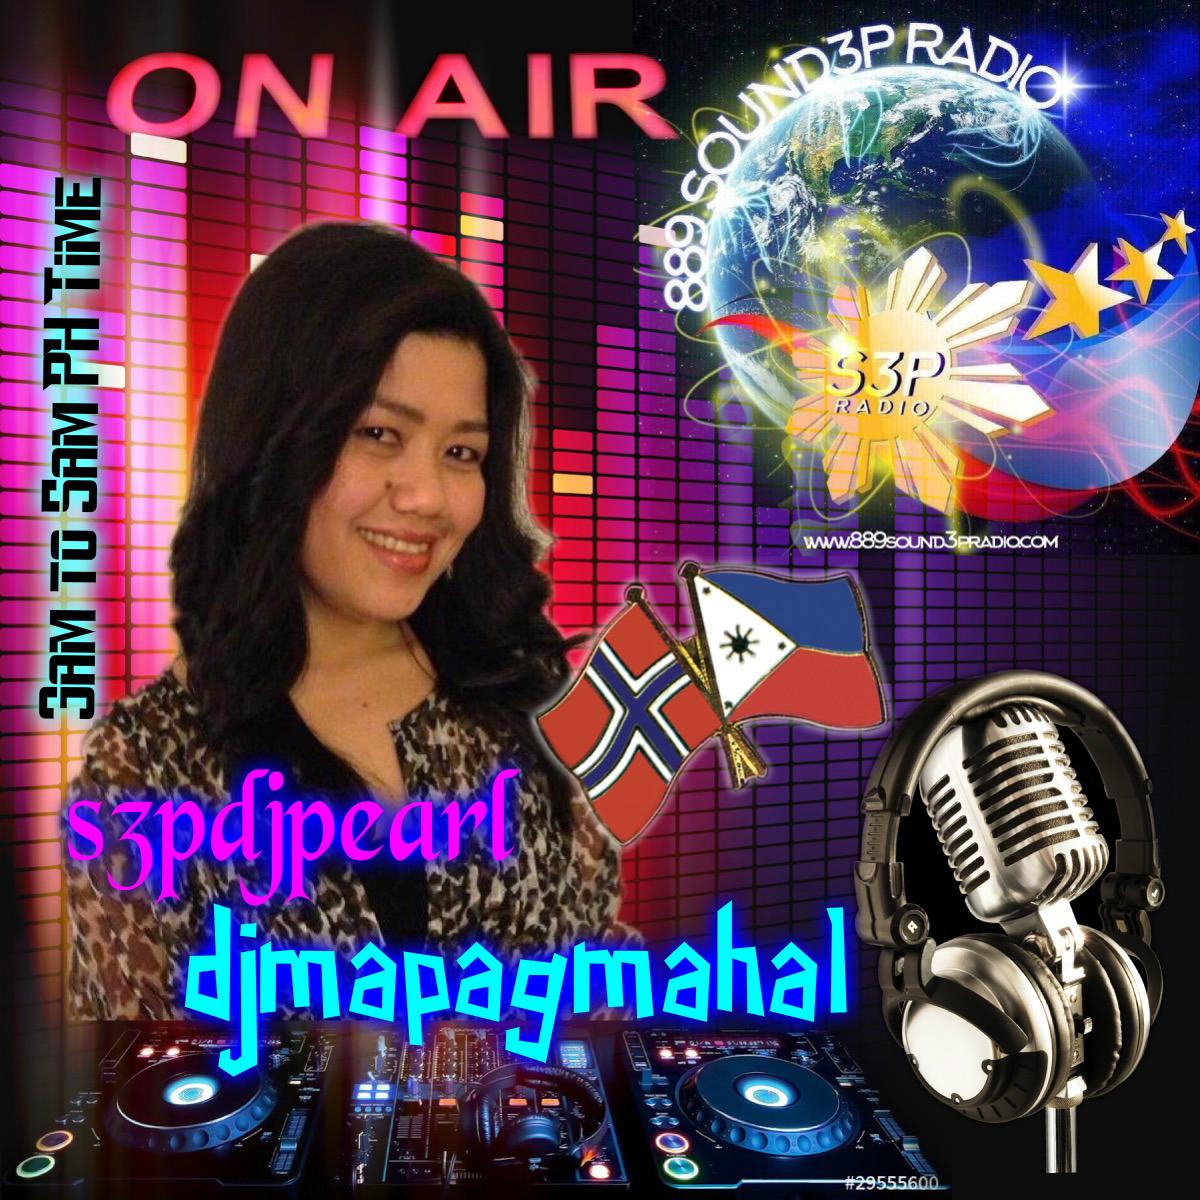 djmapagmahal